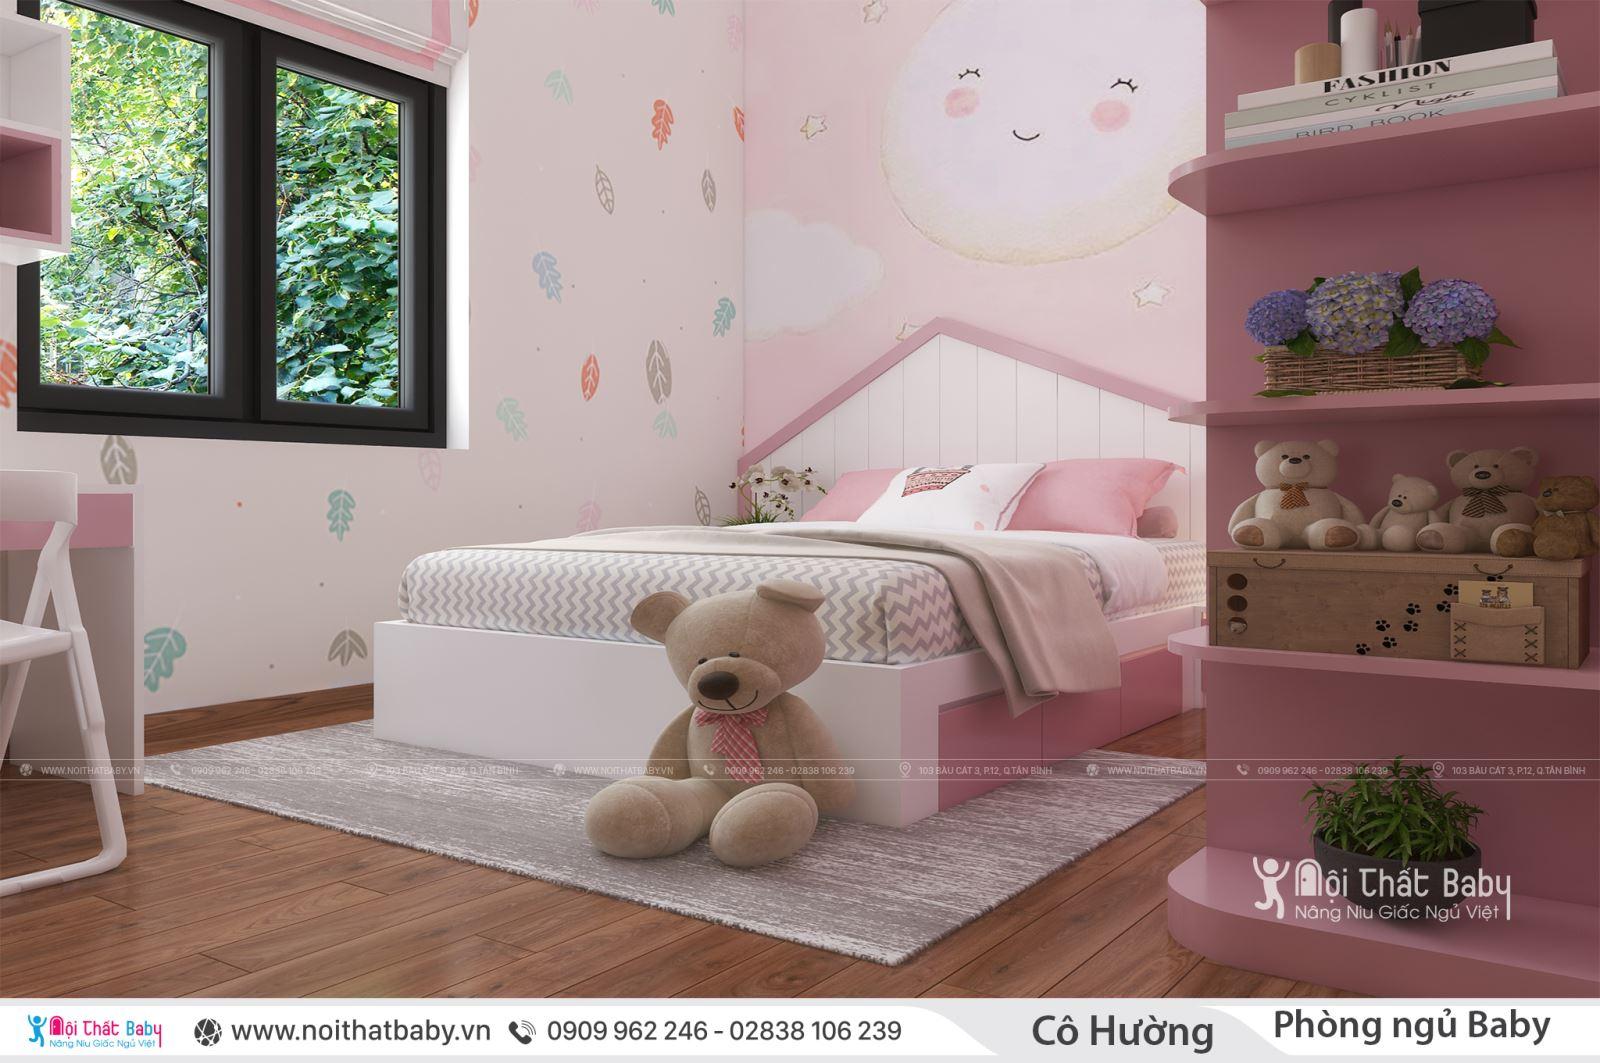 Những mẫu giường ngủ hình ngôi nhà cho baby của bạn